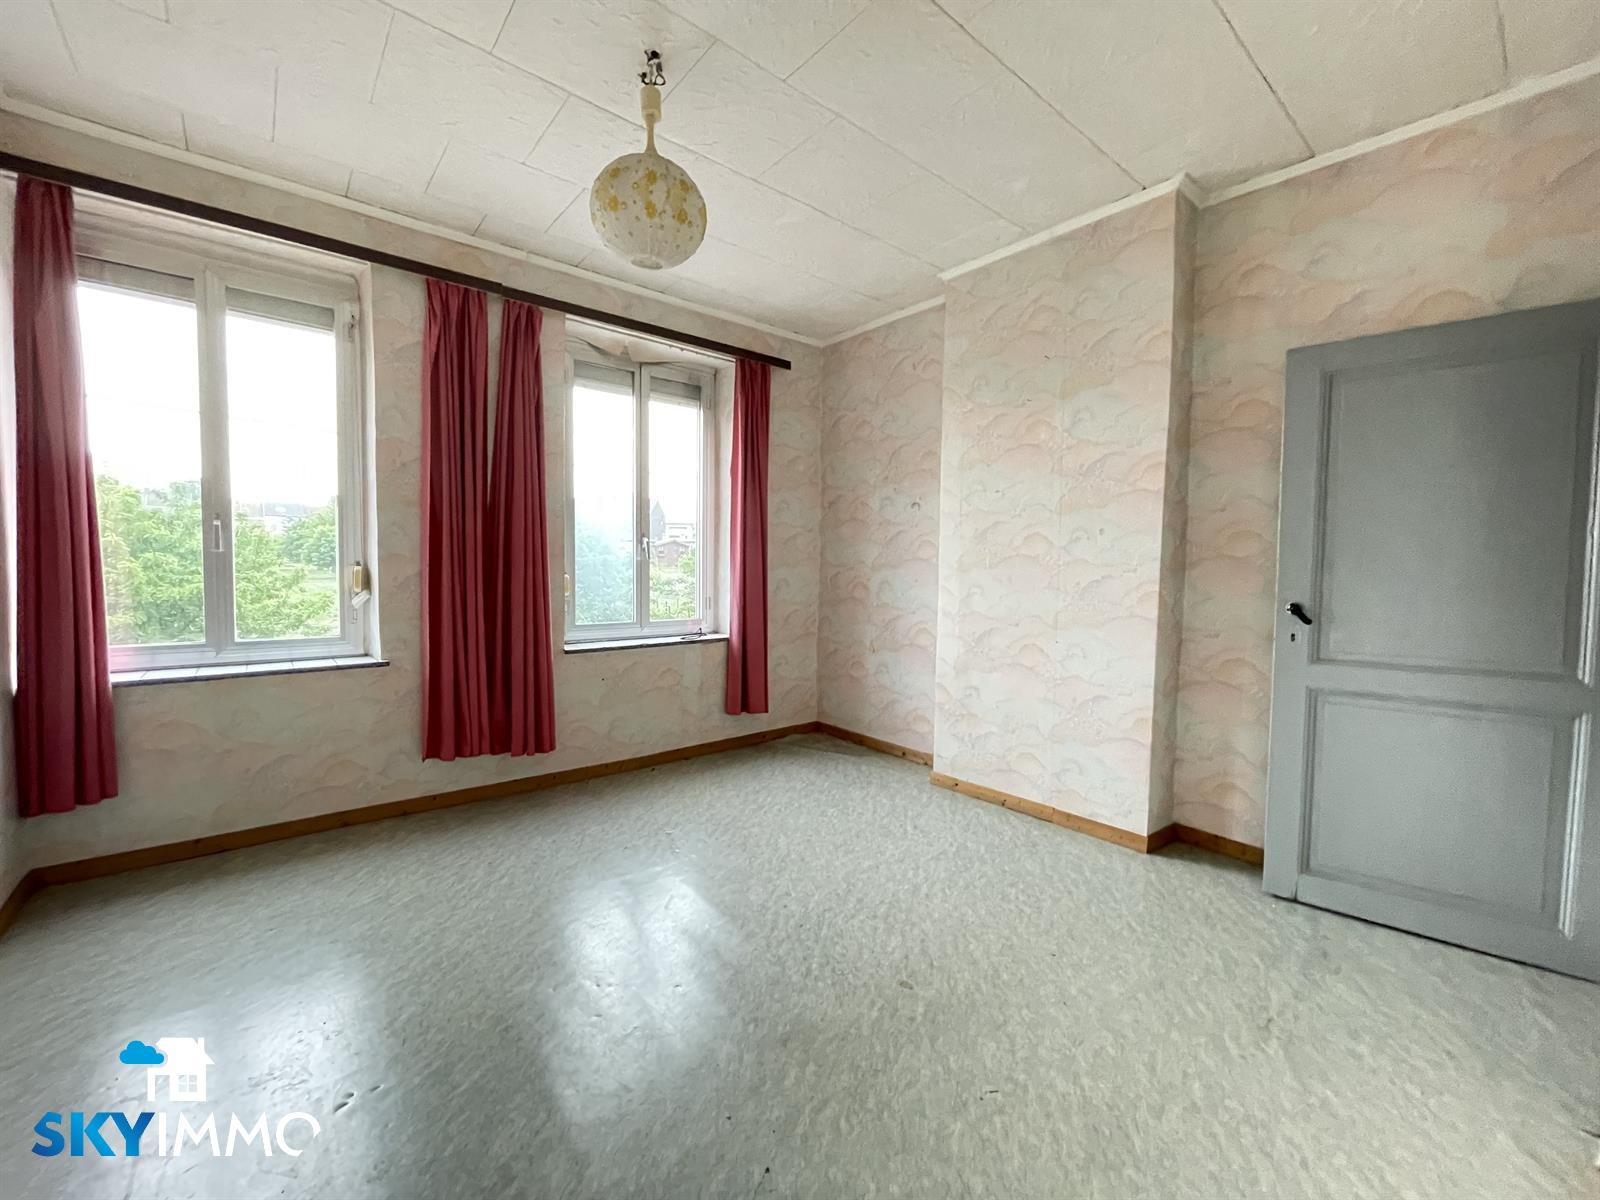 Maison - Seraing - #4391946-15